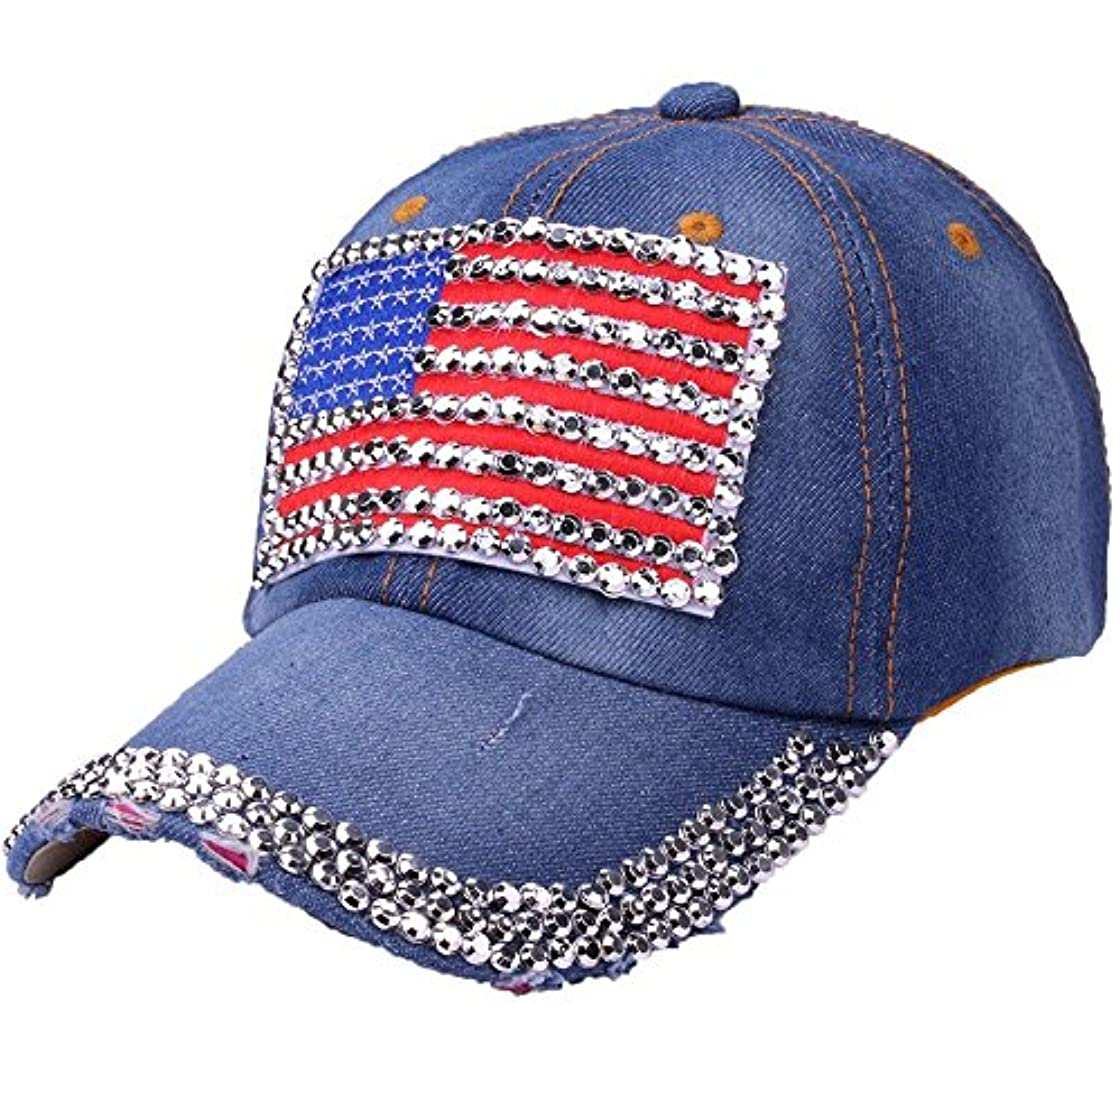 スリップ方言させるRacazing Cap カウボーイ 野球帽 ヒップホップ 通気性のある ラインストーン 帽子 夏 登山 アメリカの旗 可調整可能 棒球帽 男女兼用 UV 帽子 軽量 屋外 ジーンズ Unisex Cap (C)